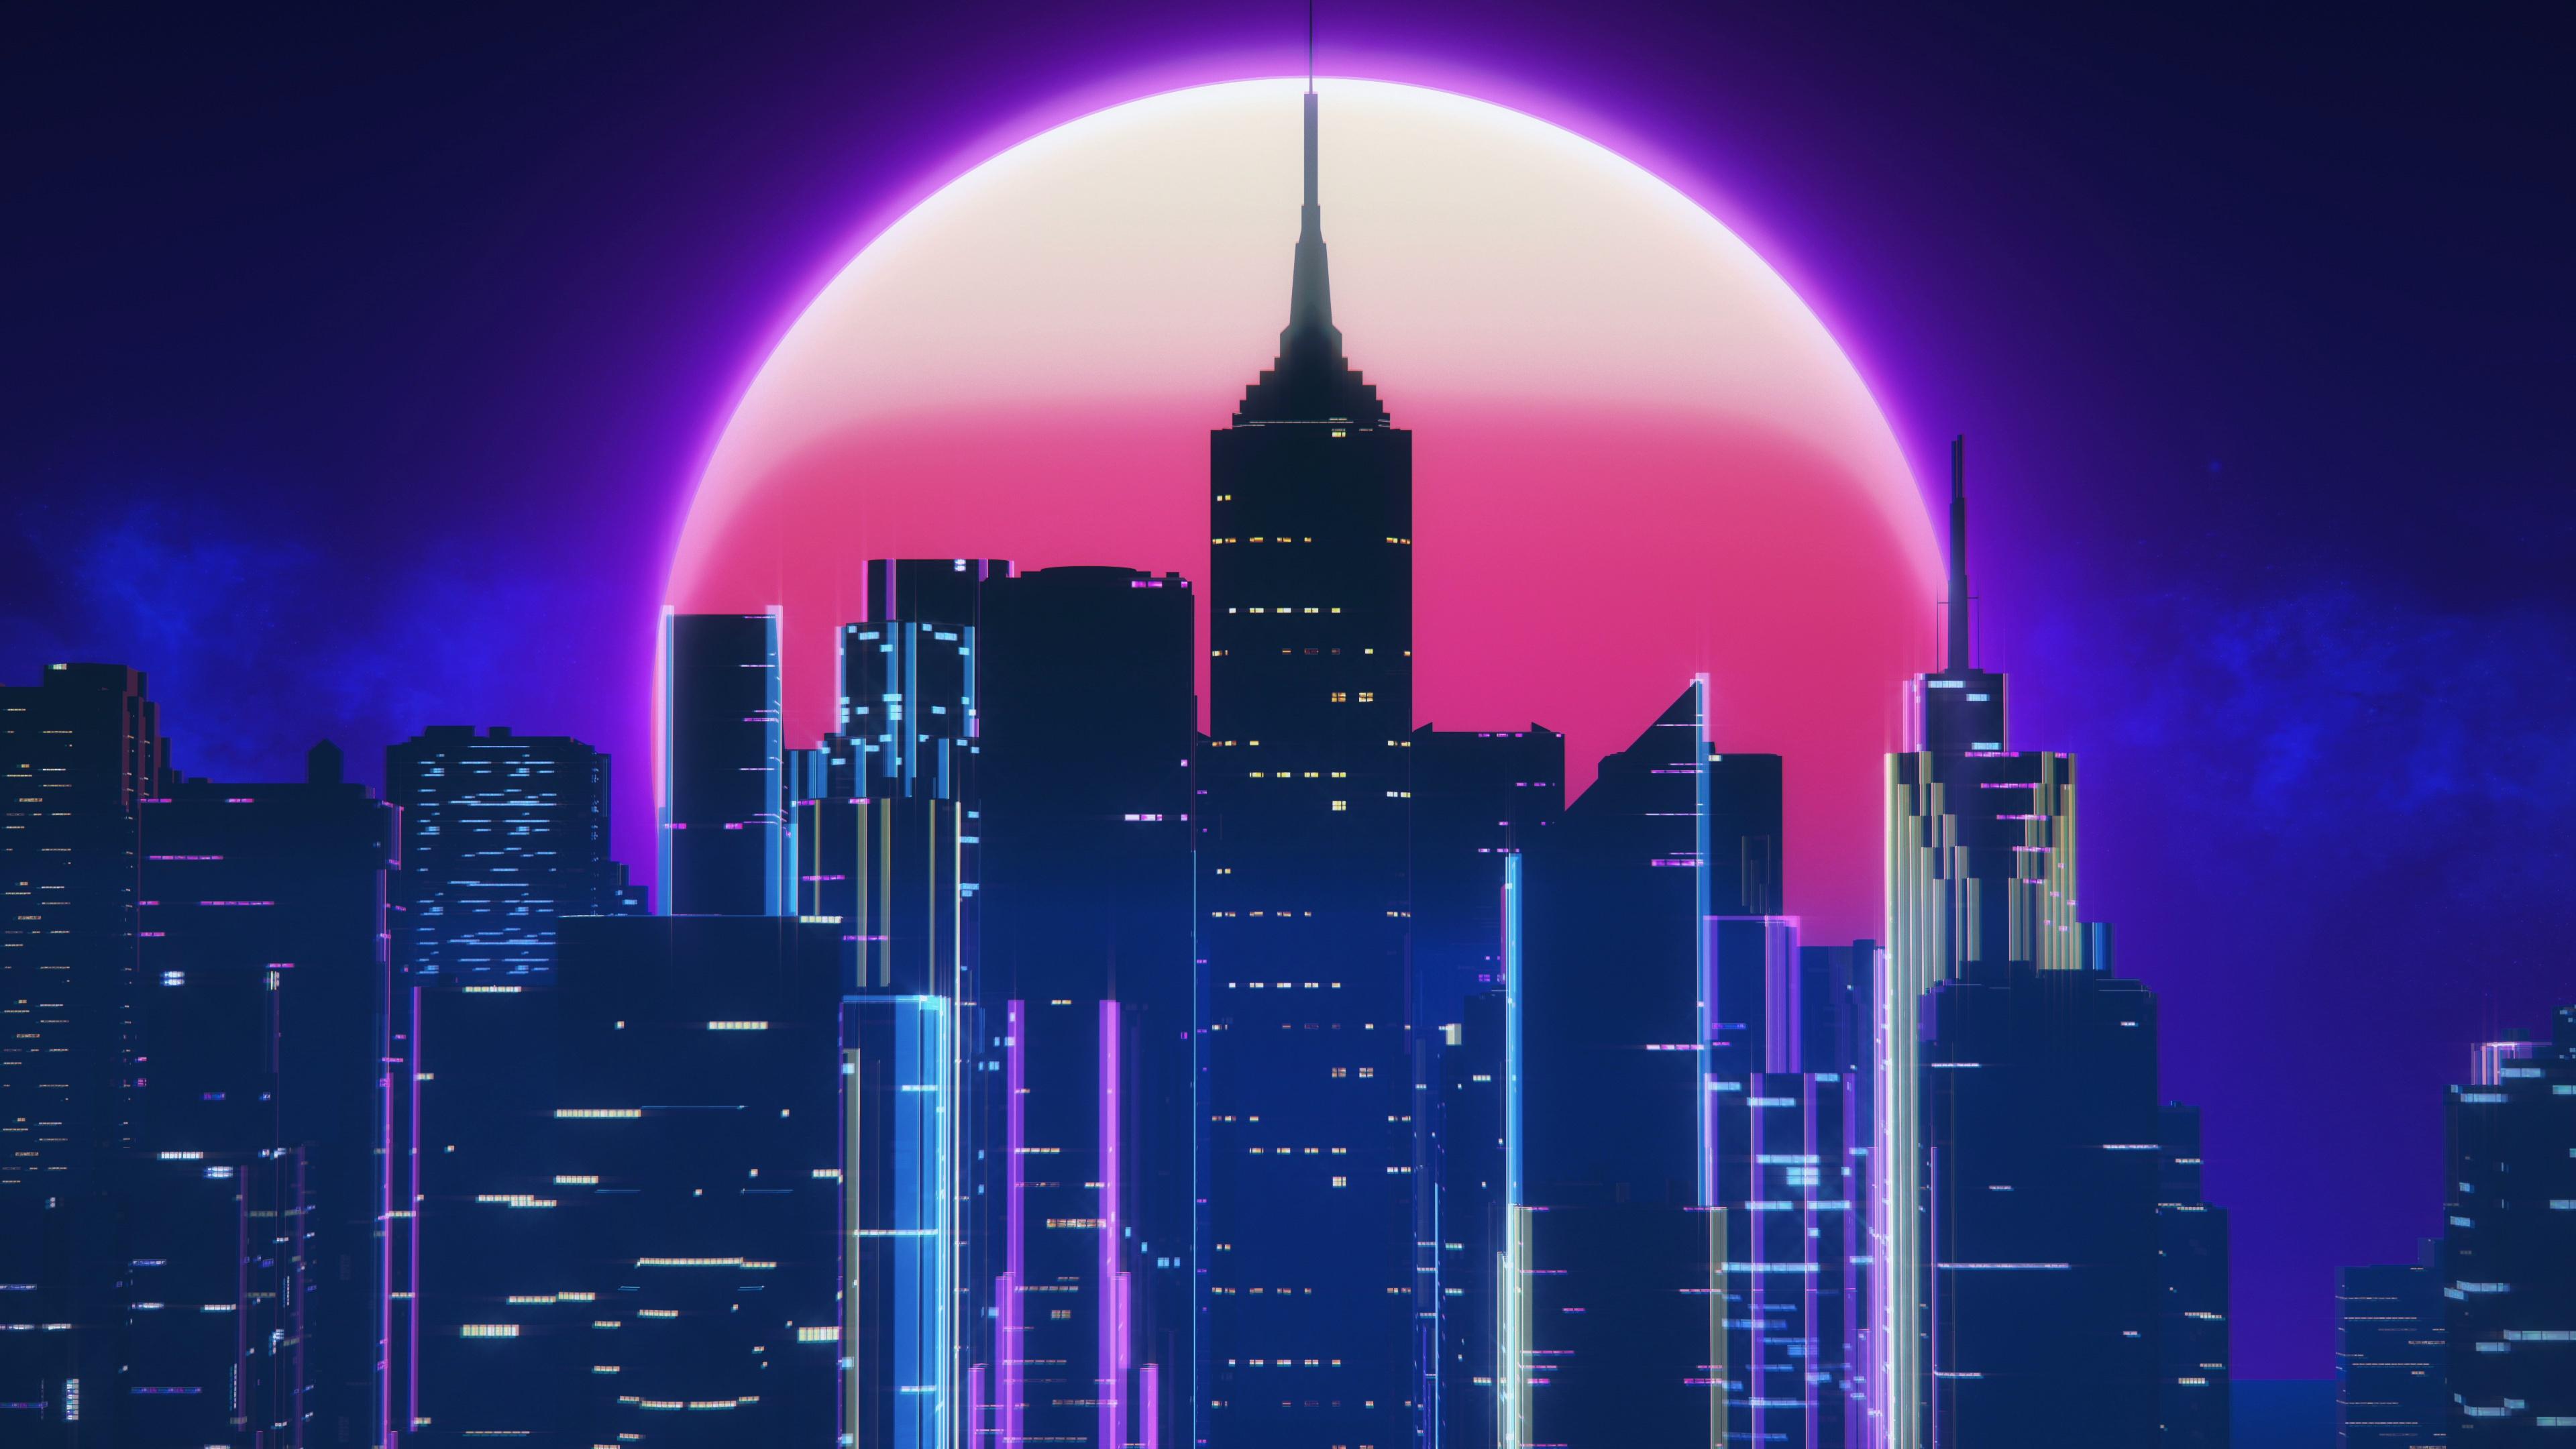 Synthwave City Retro Neon 4k